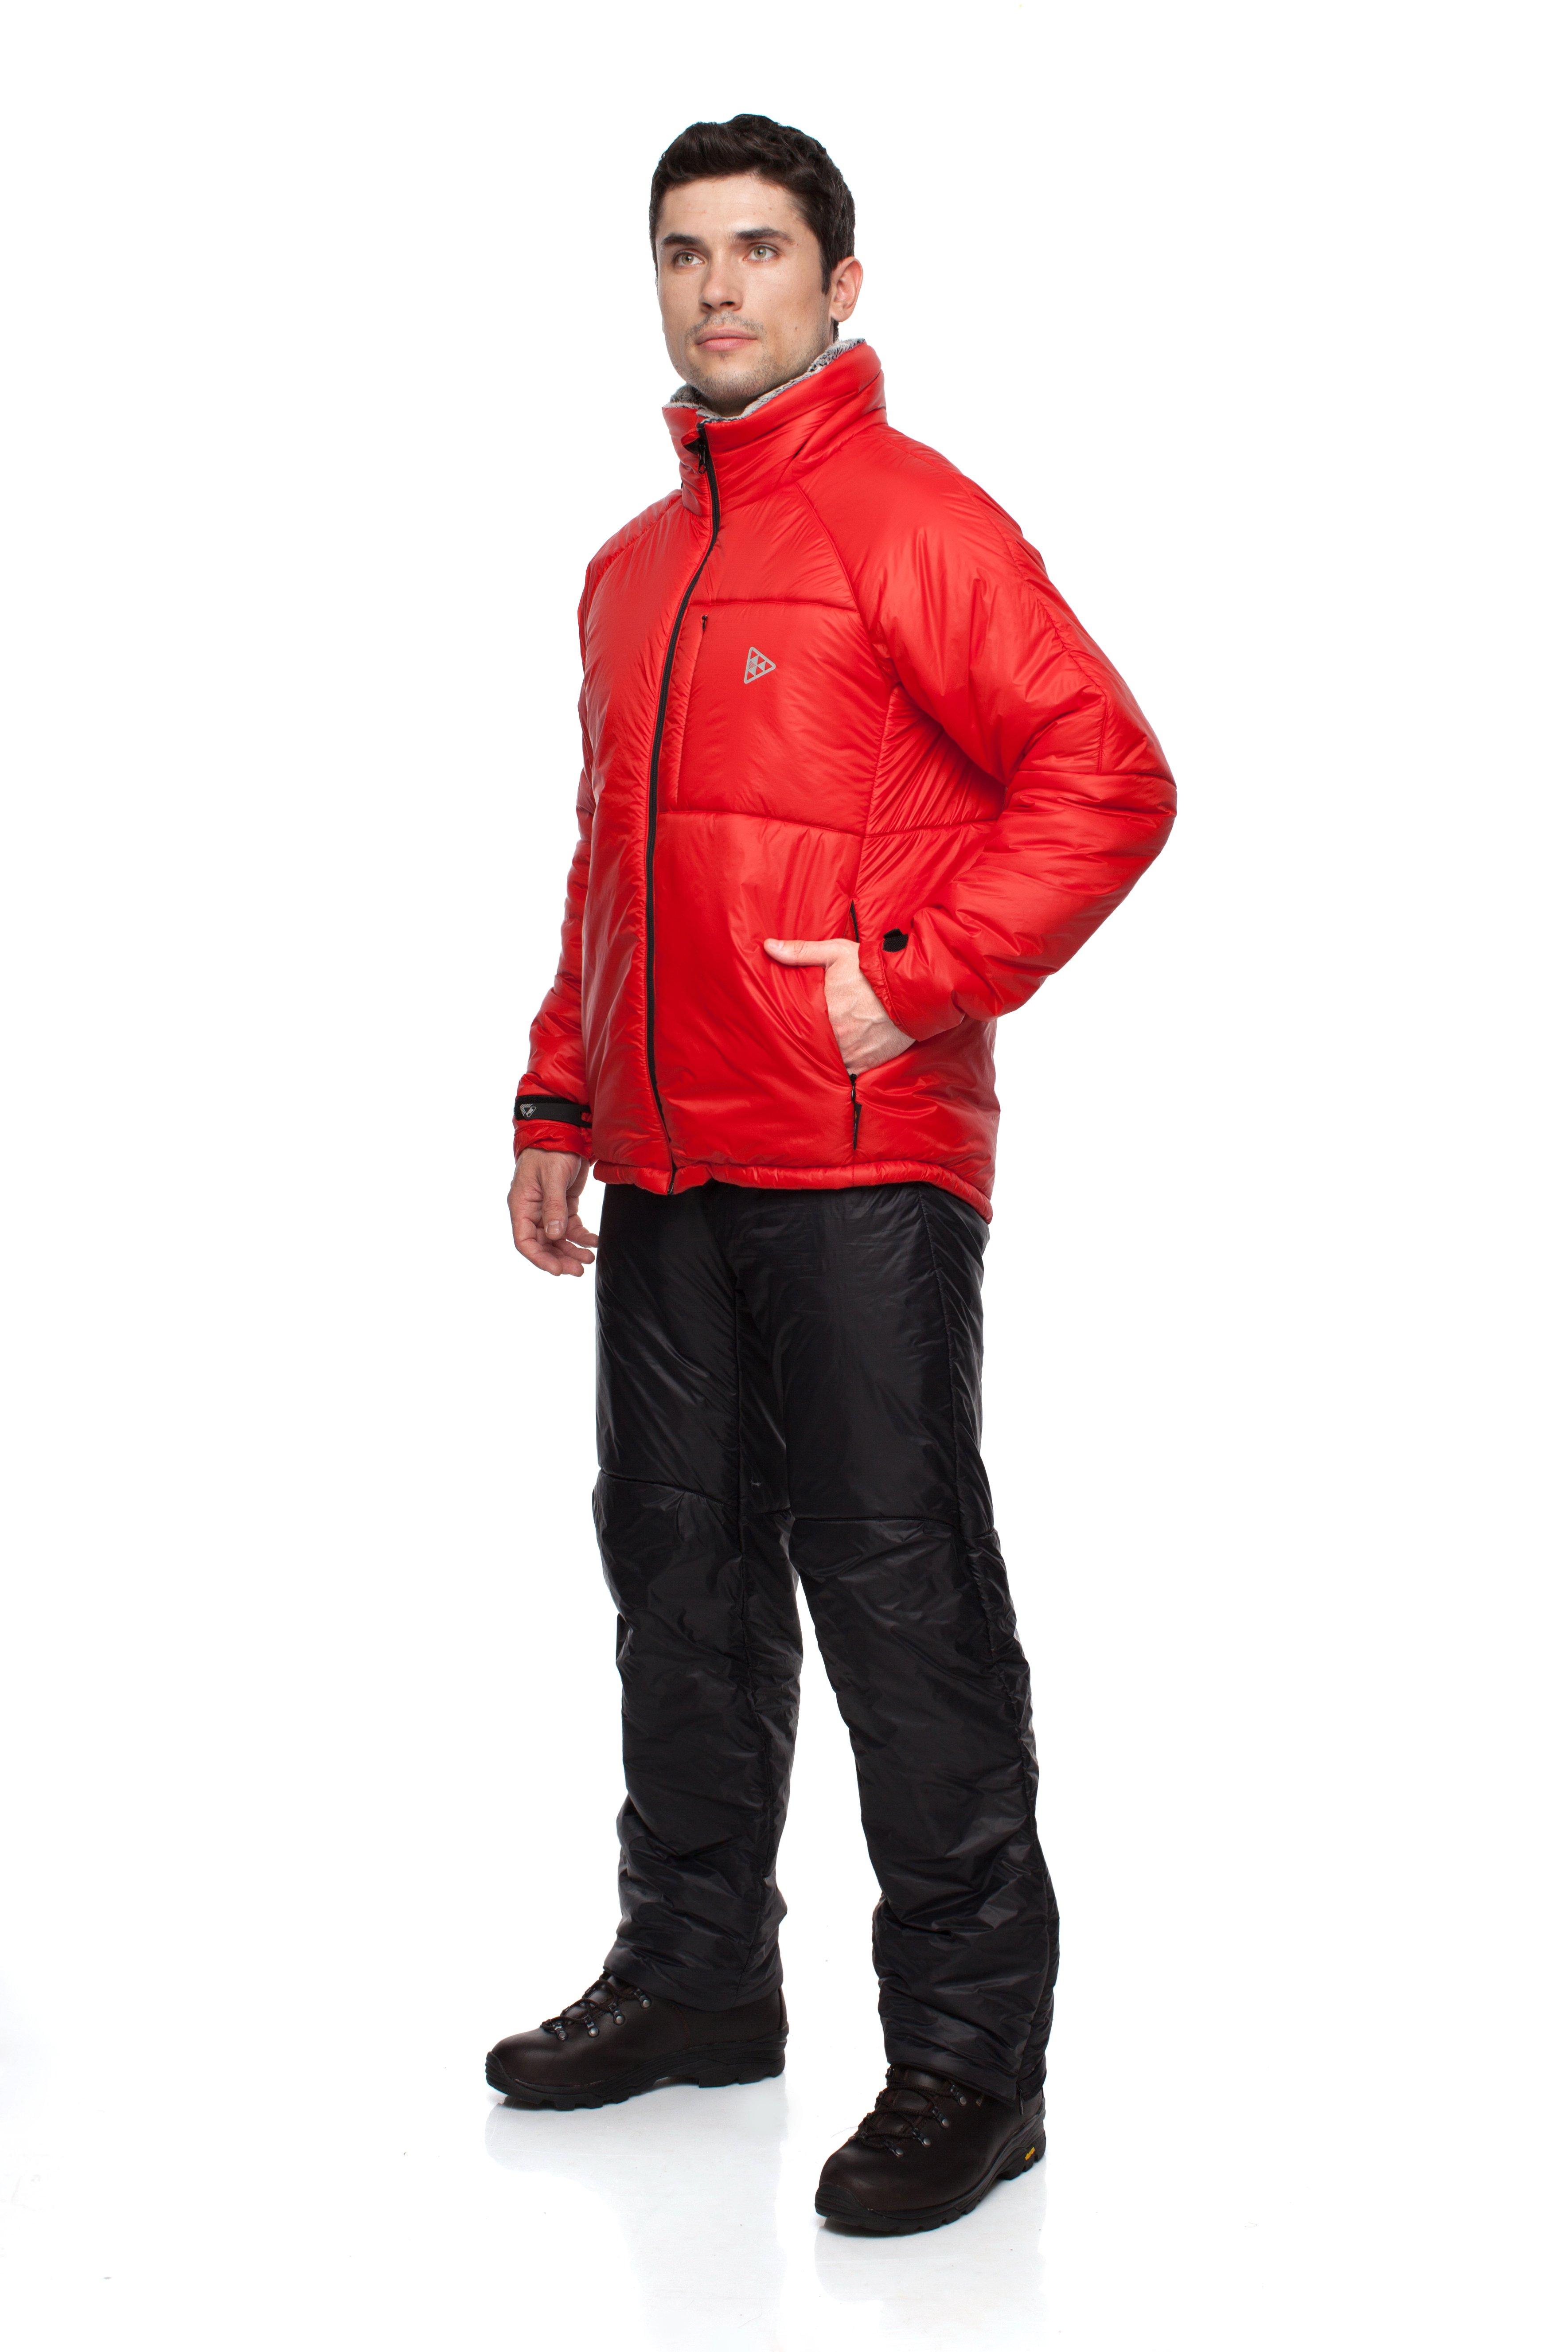 Куртка BASK ROCK V2 4240AКуртки<br><br><br>Верхняя ткань: Advance® Superior<br>Вес граммы: 640<br>Ветро-влагозащитные свойства верхней ткани: Да<br>Ветрозащитная планка: Да<br>Ветрозащитная юбка: Нет<br>Влагозащитные молнии: Нет<br>Внутренние манжеты: Нет<br>Внутренняя ткань: Advance® Superior<br>Водонепроницаемость: 5000<br>Дублирующий центральную молнию клапан: Нет<br>Защитный козырёк капюшона: Нет<br>Капюшон: Убирается в воротник<br>Карман для средств связи: Нет<br>Количество внешних карманов: 3<br>Количество внутренних карманов: 2<br>Мембрана: Нет<br>Объемный крой локтевой зоны: Да<br>Отстёгивающиеся рукава: Нет<br>Паропроницаемость: 5000<br>Пол: Унисекс<br>Проклейка швов: Нет<br>Регулировка манжетов рукавов: Да<br>Регулировка низа: Да<br>Регулировка объёма капюшона: Нет<br>Регулировка талии: Нет<br>Регулируемые вентиляционные отверстия: Нет<br>Световозвращающая лента: Нет<br>Температурный режим: -15<br>Технология Thermal Welding: Нет<br>Технология швов: Простые<br>Тип молнии: Двухзамковая влагостойкая<br>Тип утеплителя: Синтетический<br>Усиление контактных зон: Нет<br>Утеплитель: Primaloft® Sport 100г/м2<br>Размер INT: L<br>Цвет: КРАСНЫЙ